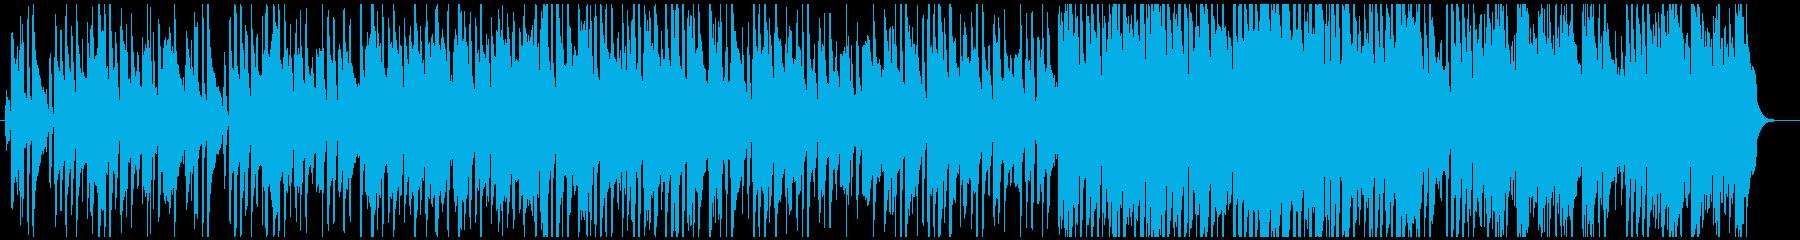 北欧系ののどかなアルペン音楽の再生済みの波形